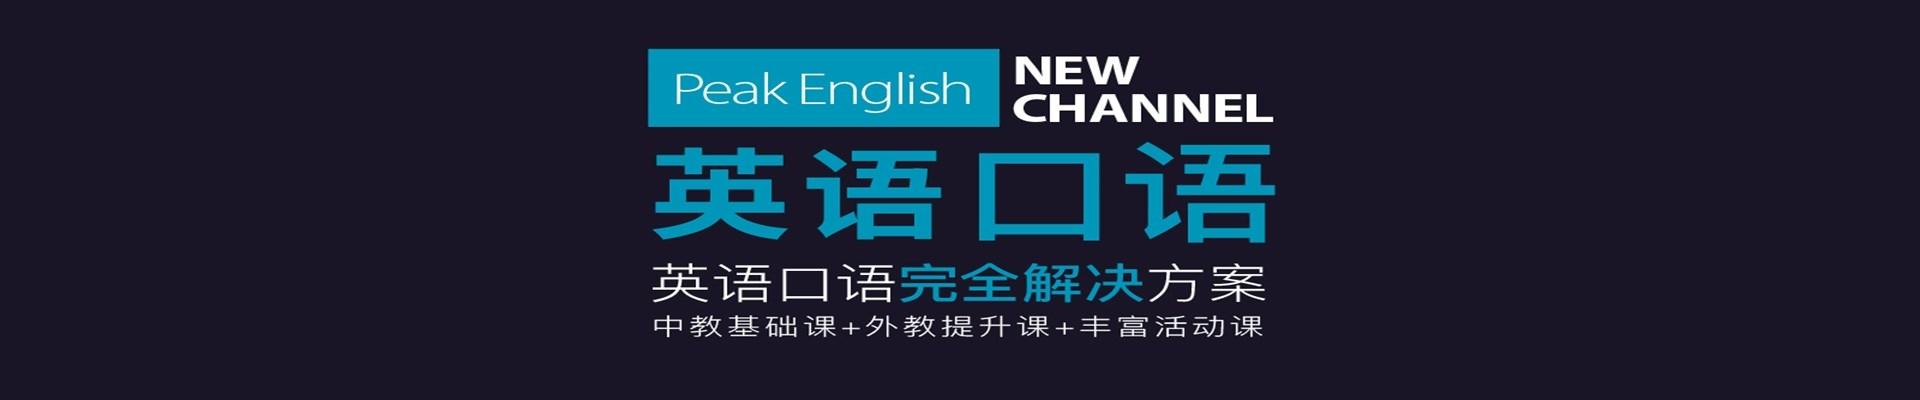 温州鹿城中心新航道英语培训